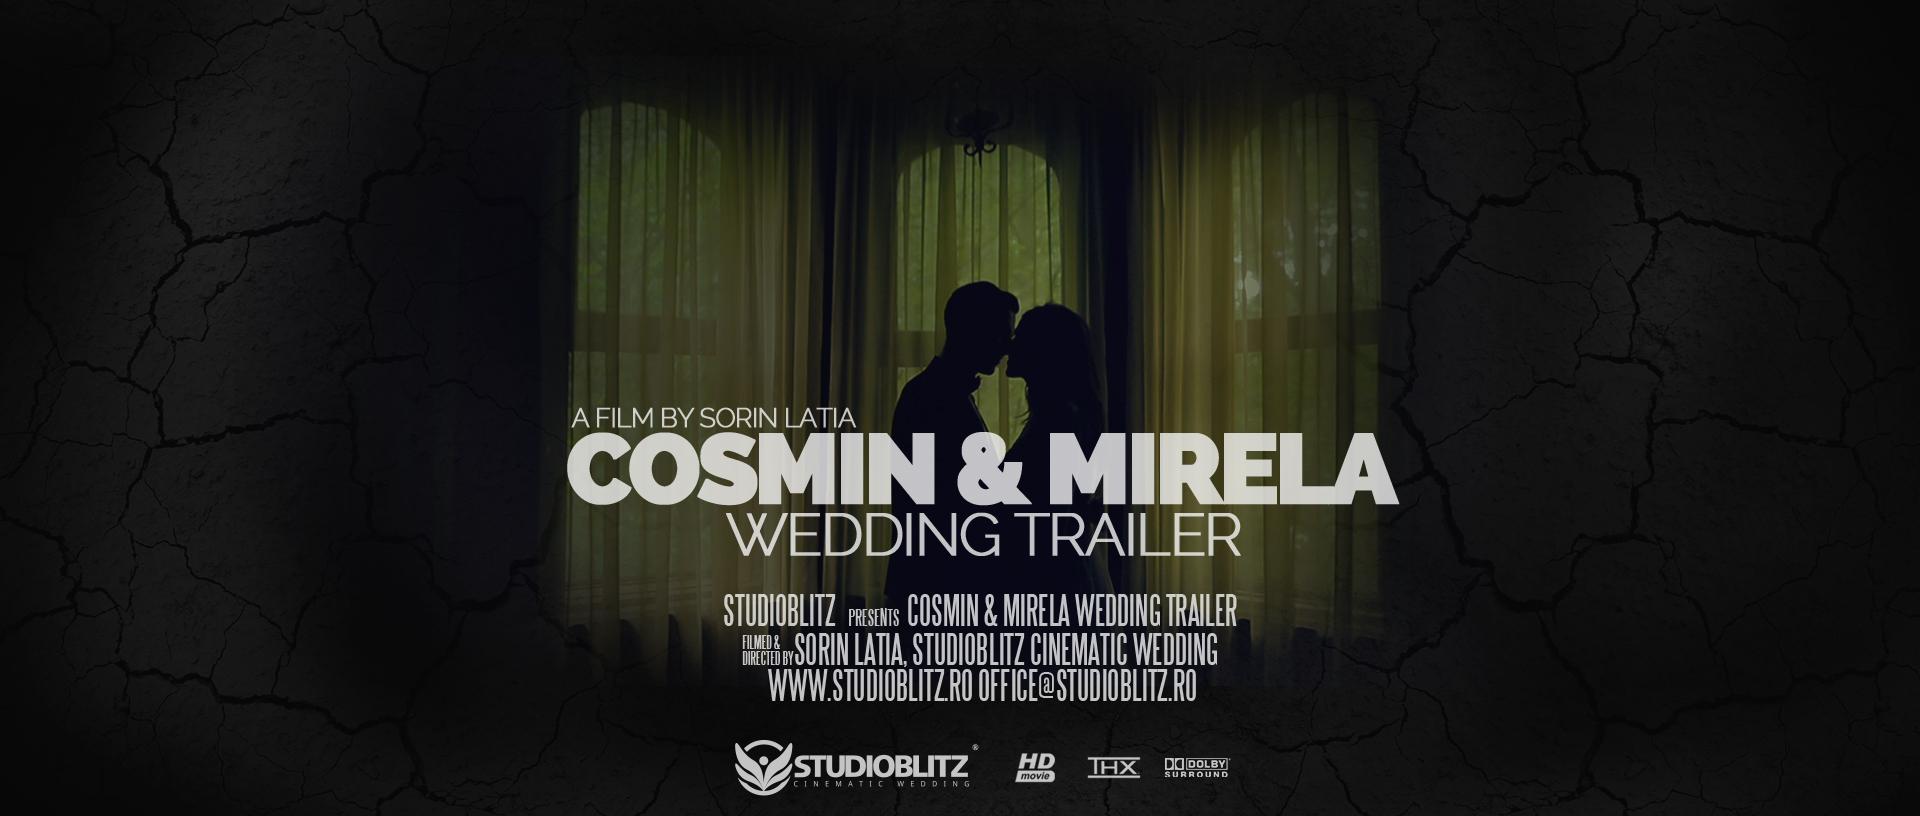 coperta-cameramaan-pentru-nunta-craiova-cosmin-mirela-wedding-trailer